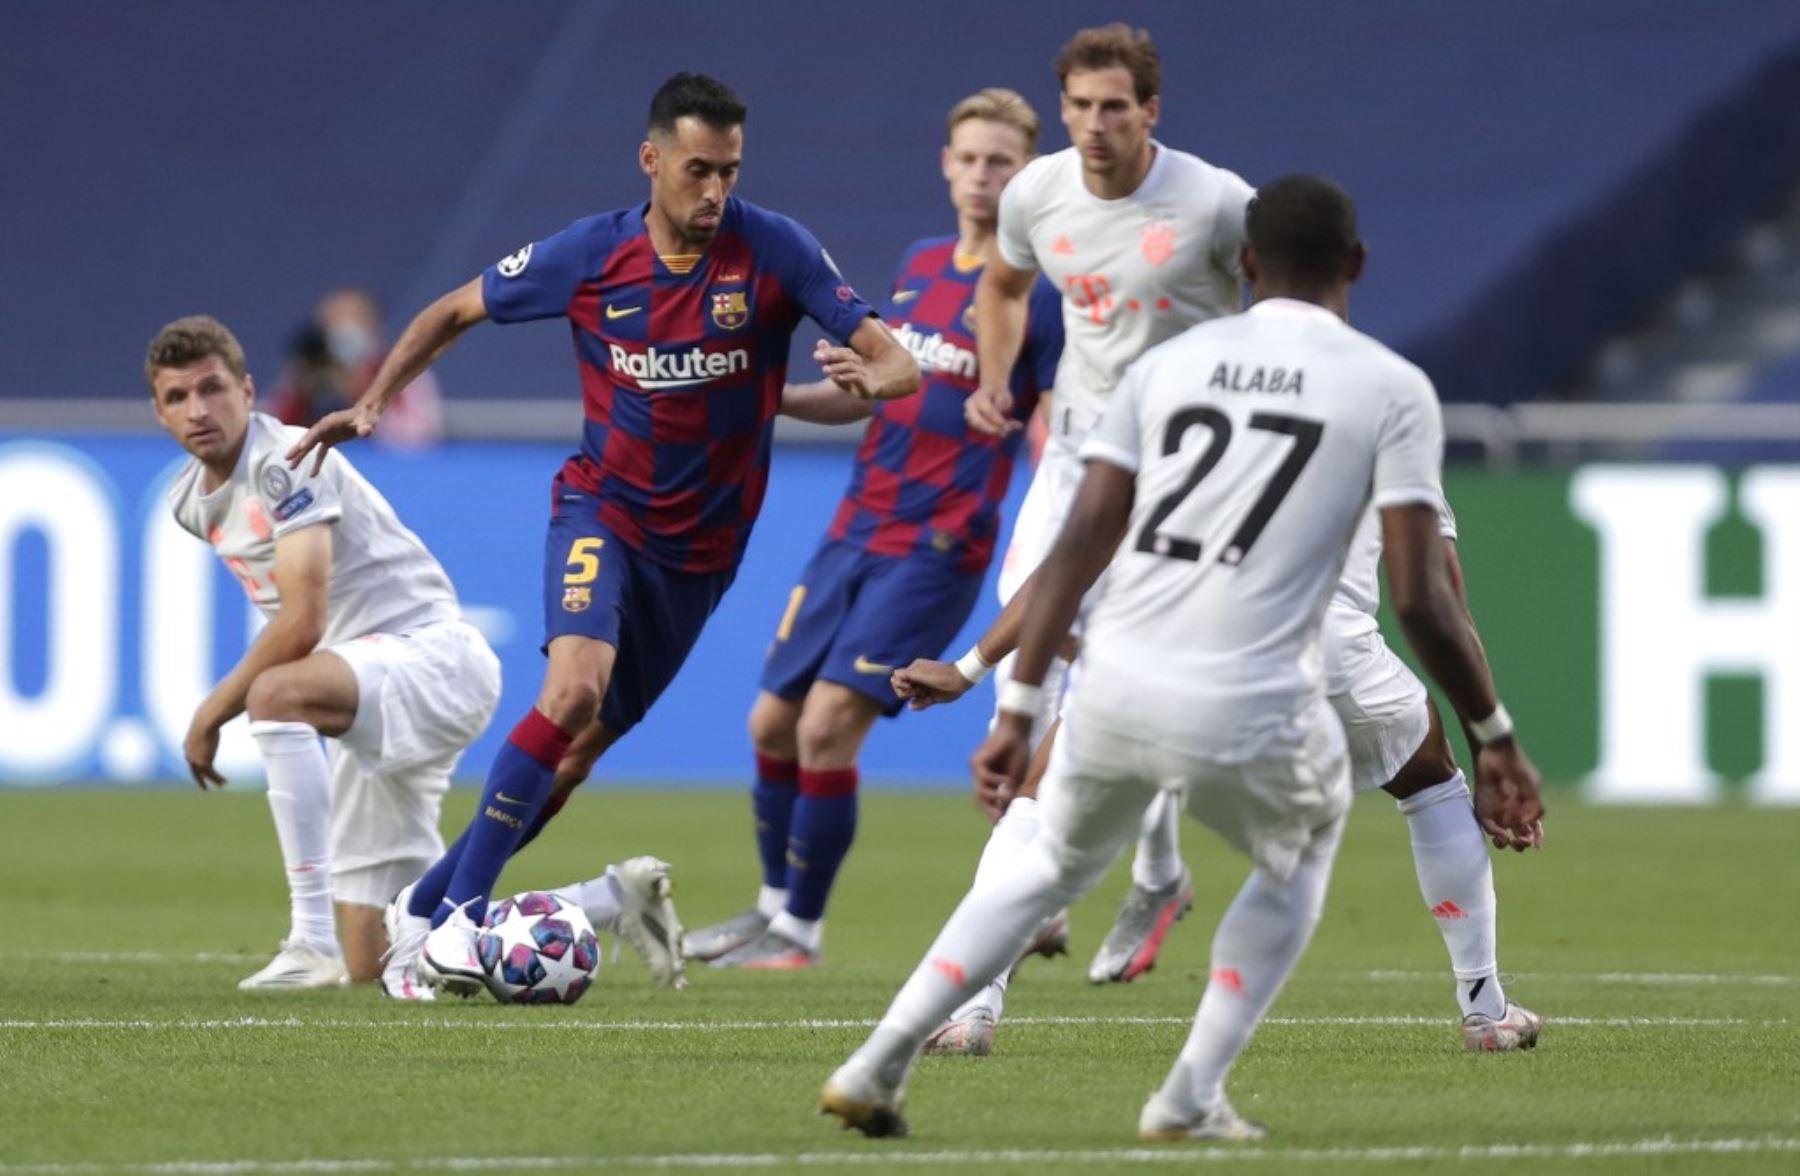 El centrocampista español del Barcelona Sergio Busquets corre con el balón sobre el delantero alemán del Bayern Munich Thomas Mueller, durante el partido de fútbol de cuartos de final de la Liga de Campeones de la UEFA entre el Barcelona y el Bayern Munich en el Estadio Luz de Lisboa.Foto:AFP